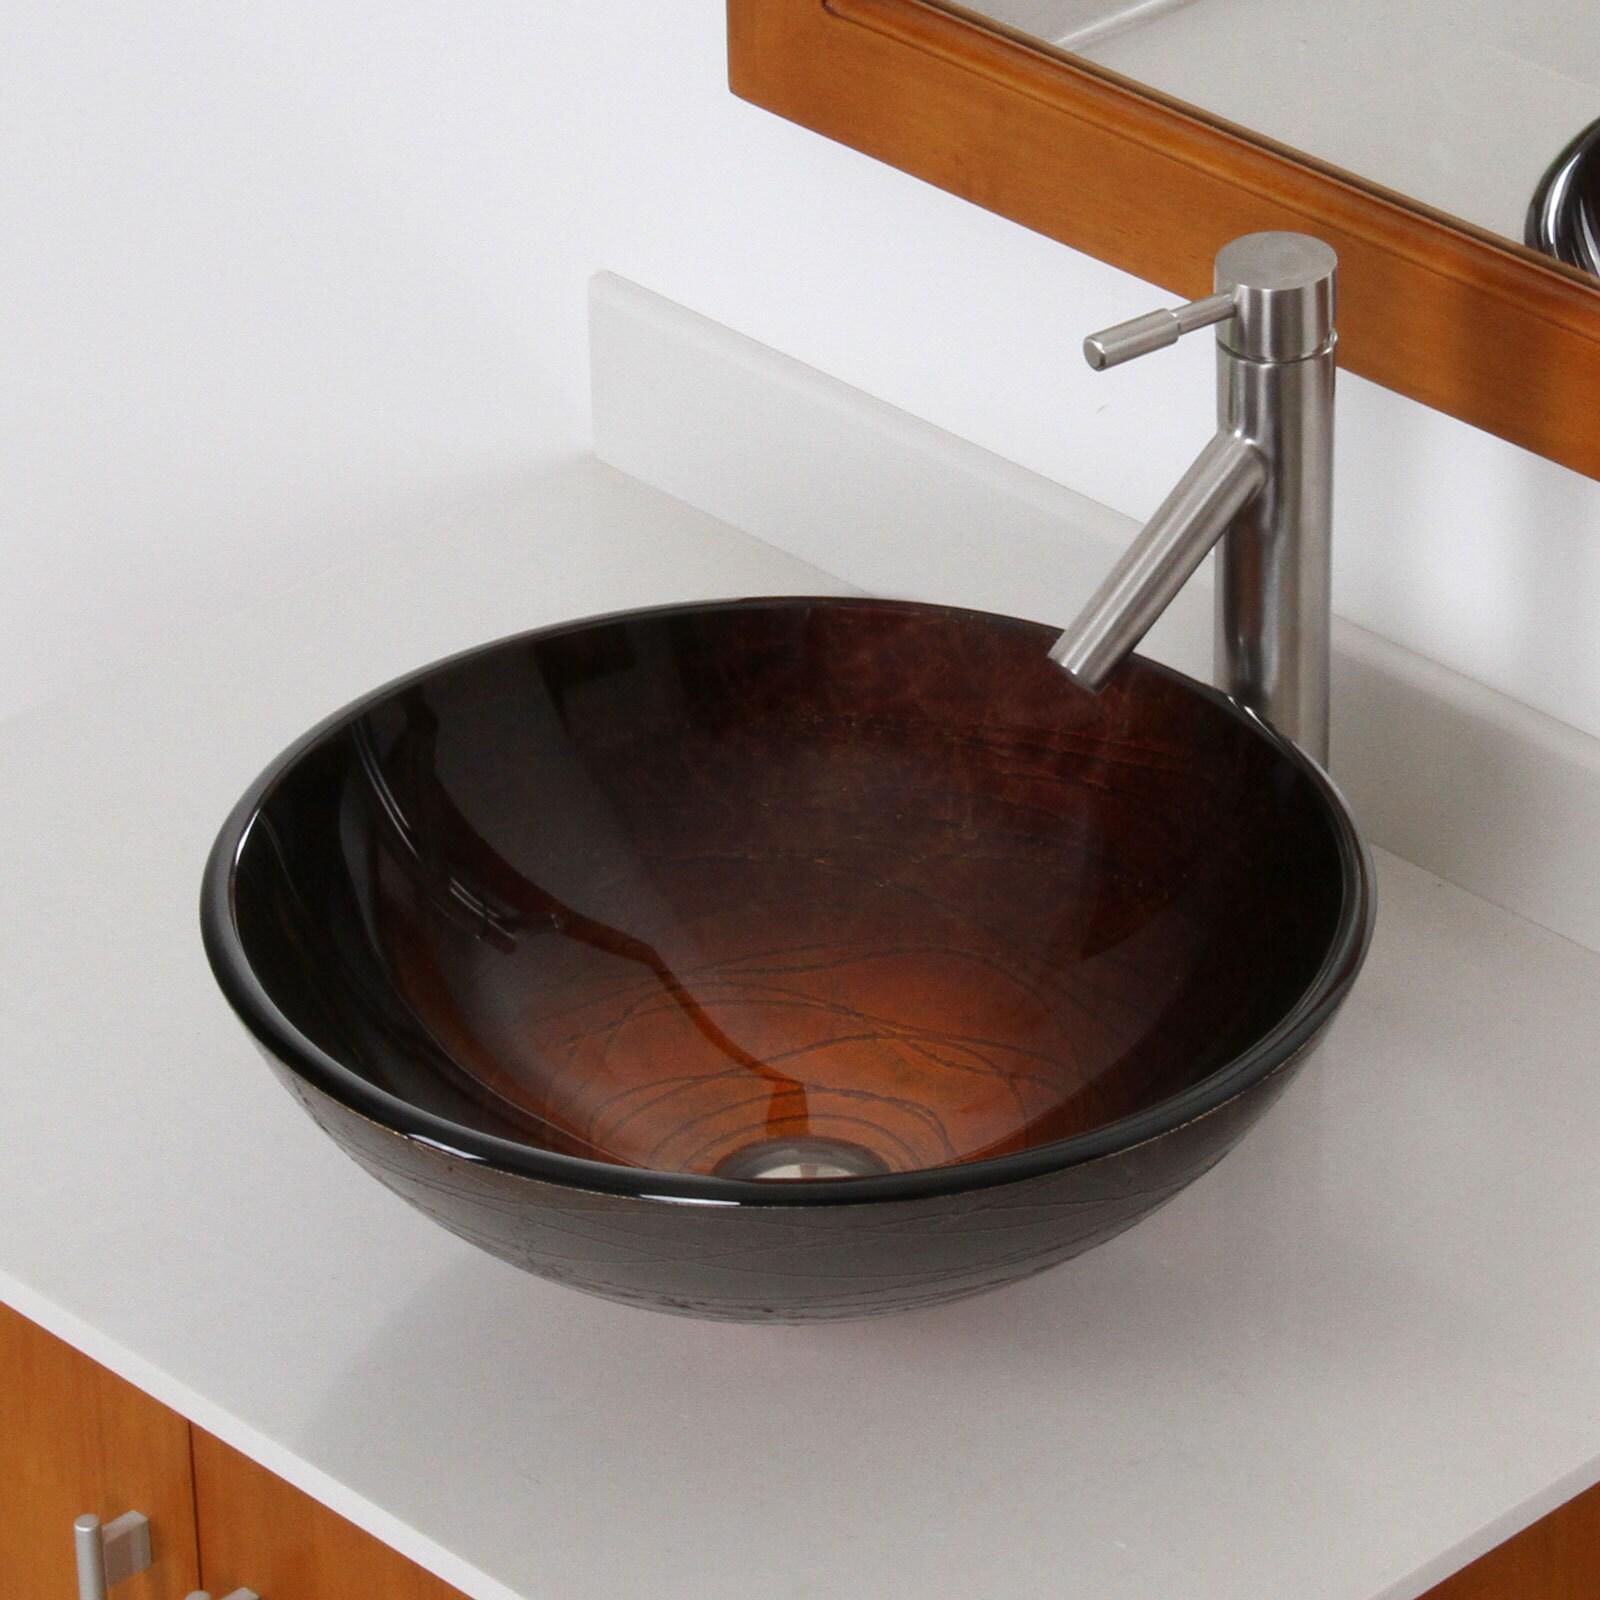 Shop Elite Modern Design Tempered Glass Bathroom Vessel Sink with ...